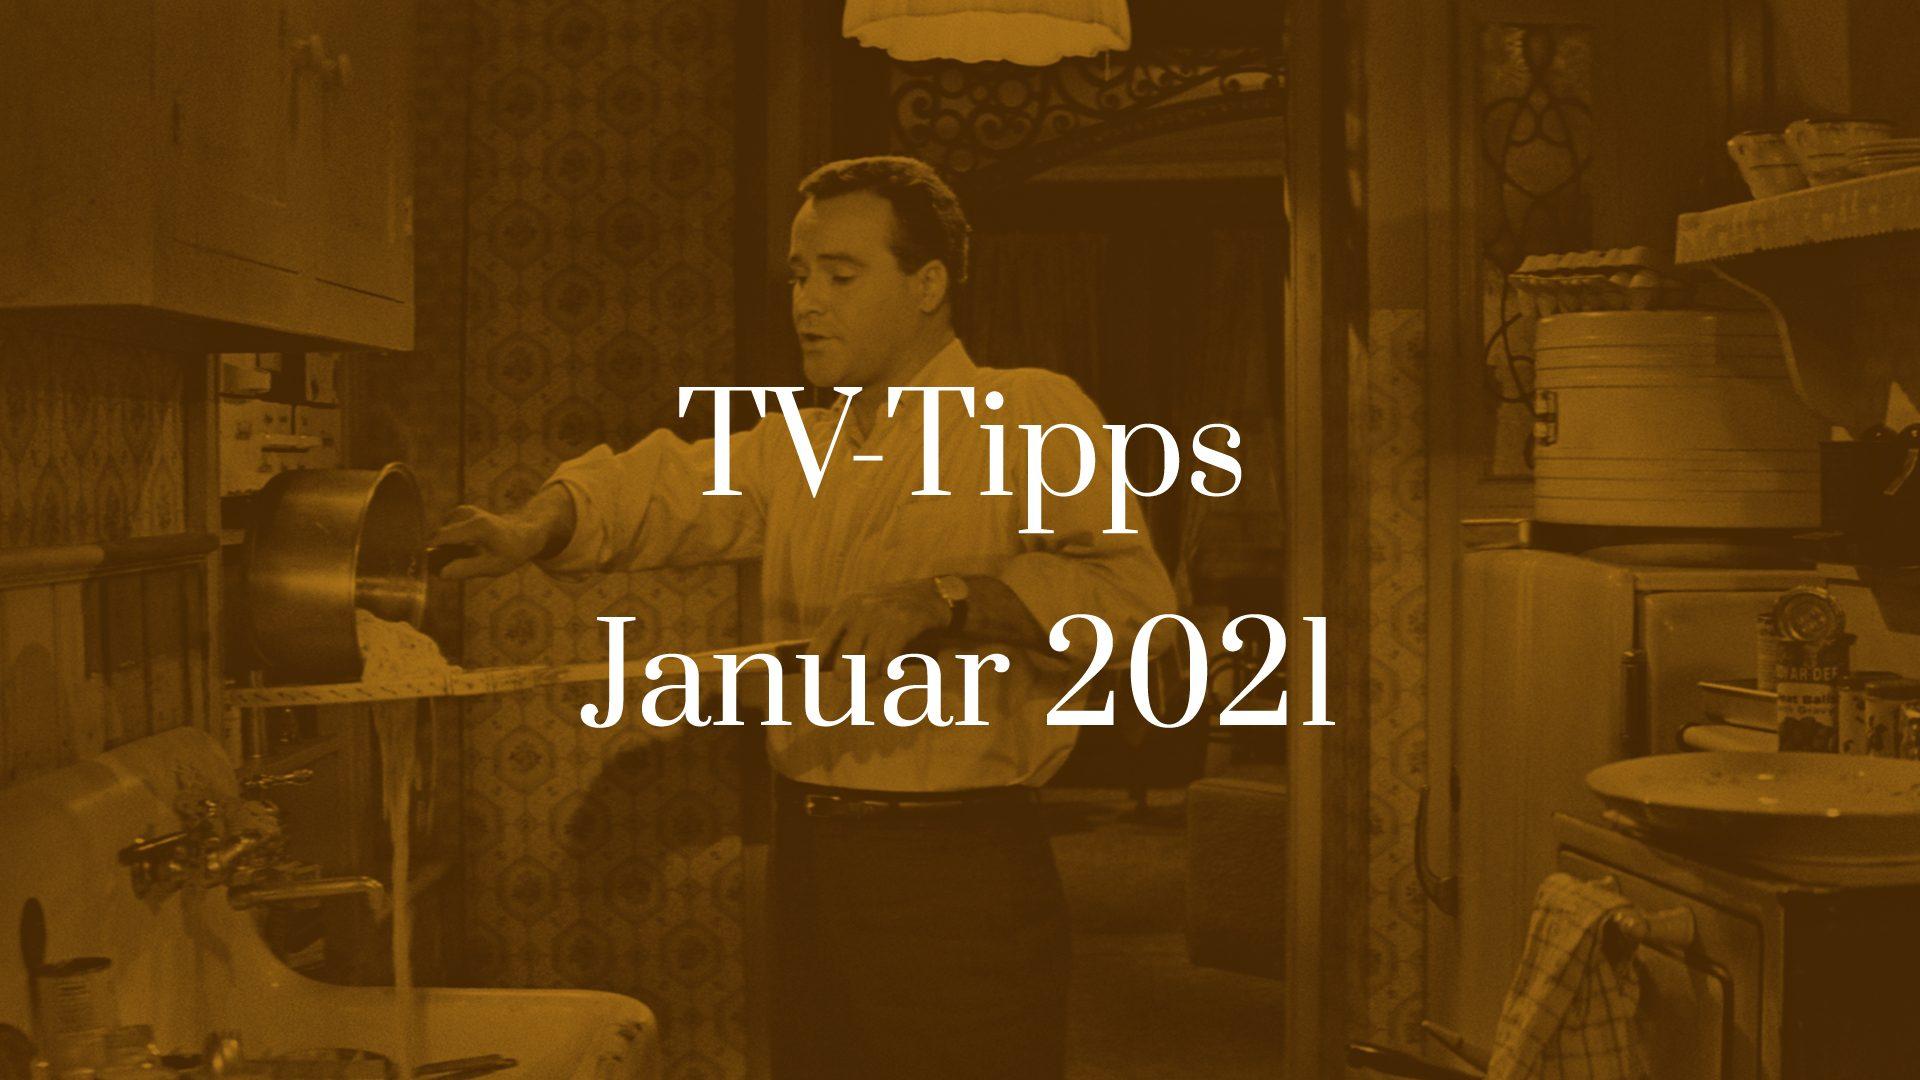 Titelbild für TV-Tipps für Januar 2021